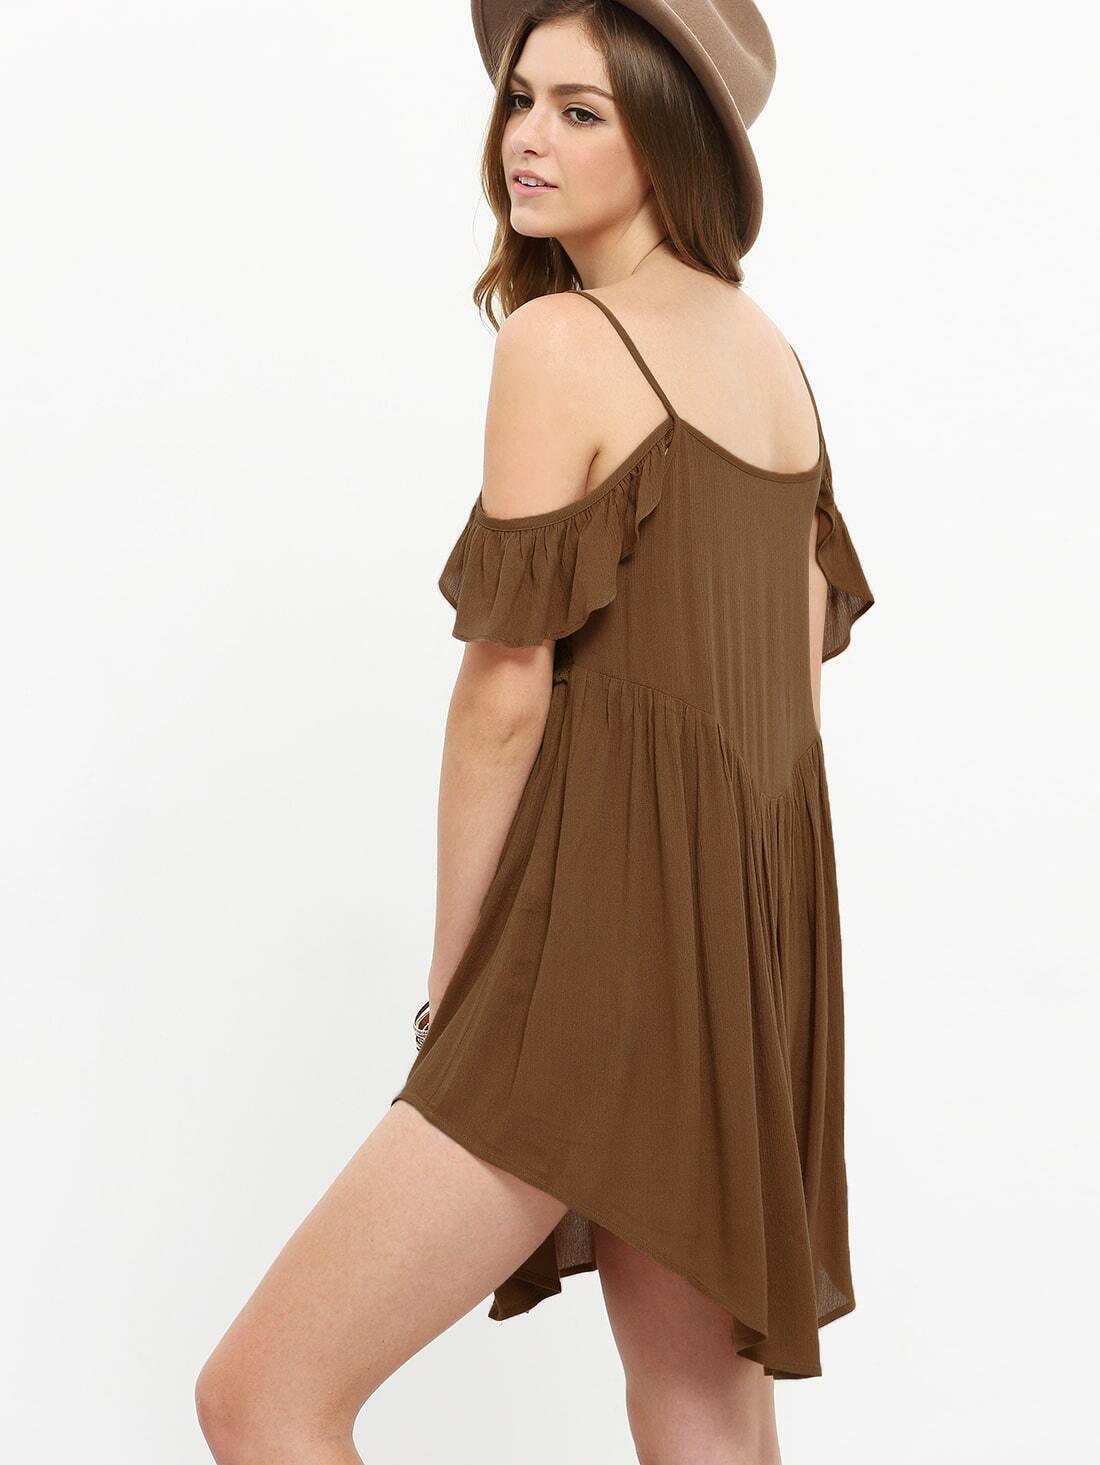 Vestido suelto con cold shoulder de volante -cafu00e9-Spanish Romwe